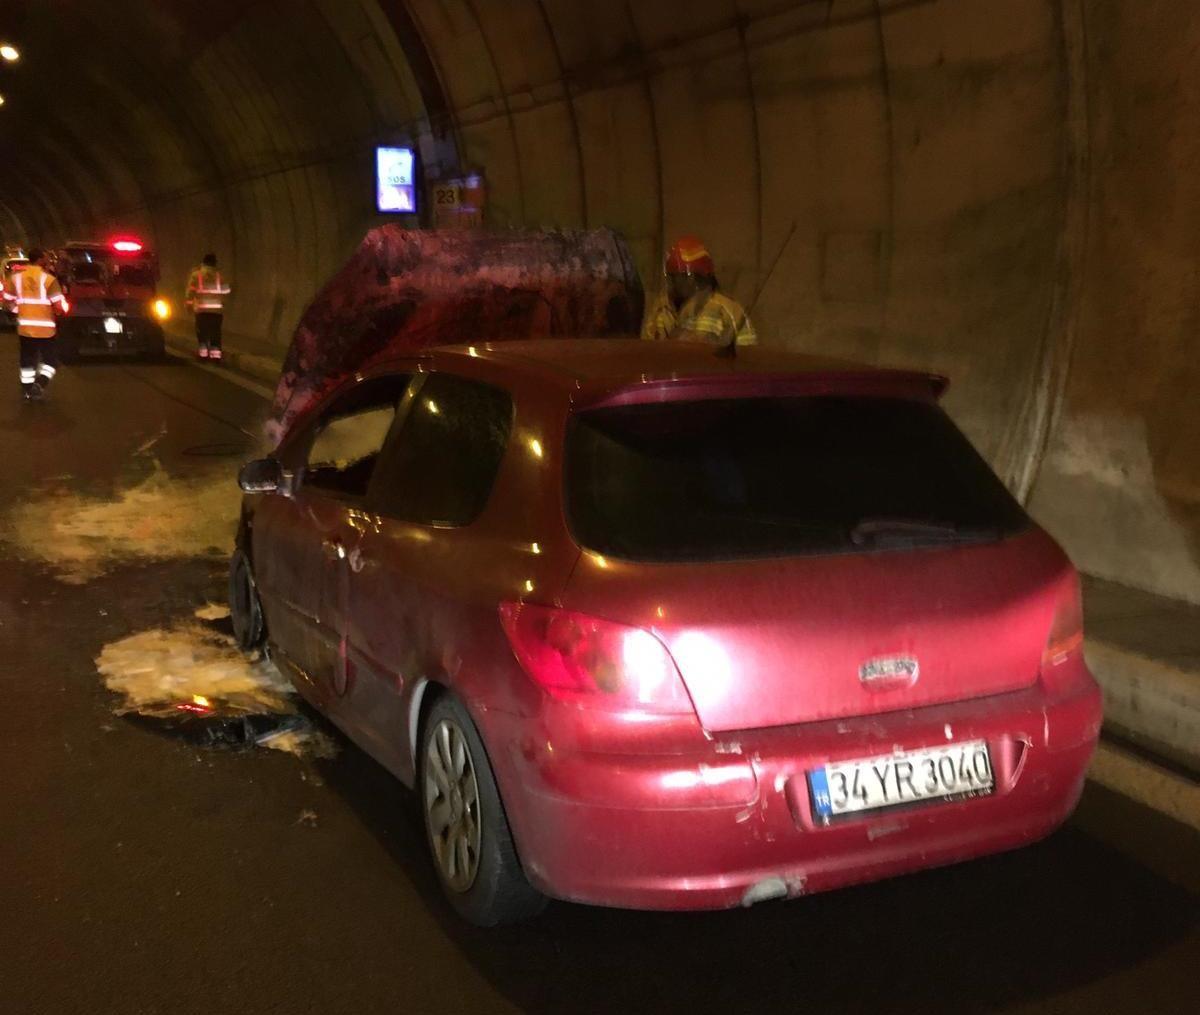 Tünelin içinde otomobil yandı